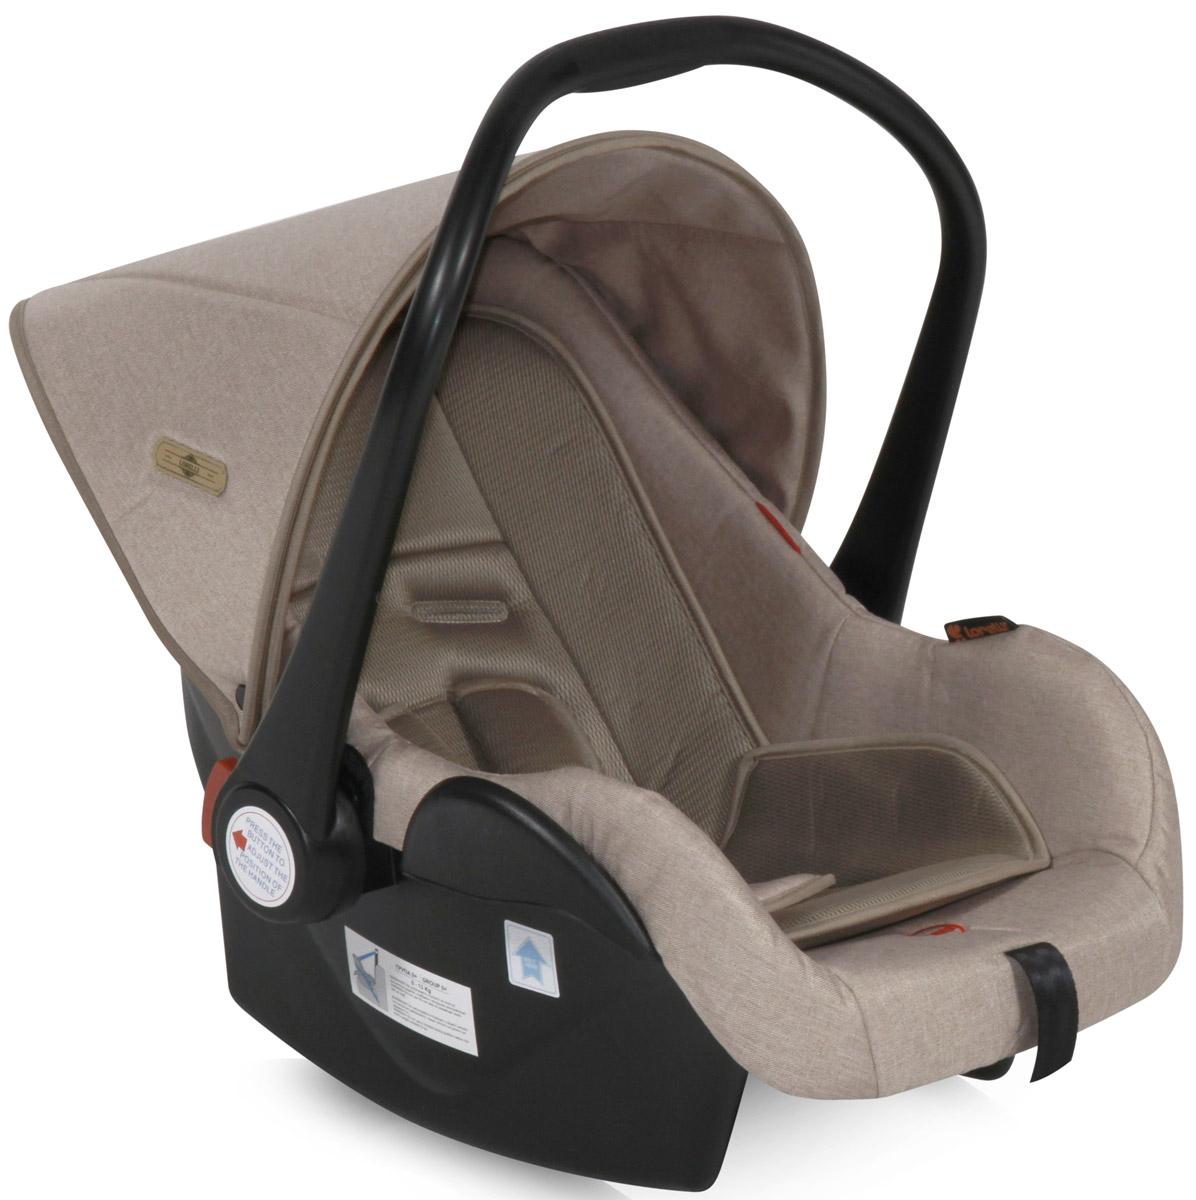 Lorelli Автокресло-переноска Lifesaver цвет бежевый от 0 до 13 кгSC-FD421005Автокресло-переноска Lorelli Lafesaver относится к группе 0+ и подходит для детей весом до 13 кг. Автокресло обеспечит безопасность и комфорт малыша во время поездок на автомобиле. Удобная ручка для переноски позволит использовать автокресло в качестве переносной люльки. Положение ручки регулируется. Автокресло оснащено солнцезащитным козырьком и съемным чехлом, благодаря чему его удобно мыть. Накладки на внутренние ремни обеспечат удобство для малыша. Внутренние 5-точечные ремни помогут бережно зафиксировать ребенка, анатомический вкладыш позволит ему принять комфортное положение, а активная защита головы сделает поездки еще более безопасными.Кресло защищено от боковых ударов. Ширина кресла и высота подголовника не регулируется. Для детей весом до 9 кг автокресло устанавливается спиной по ходу движения. В комплект также входит съемный чехол, прикрывающий ножки ребенка.